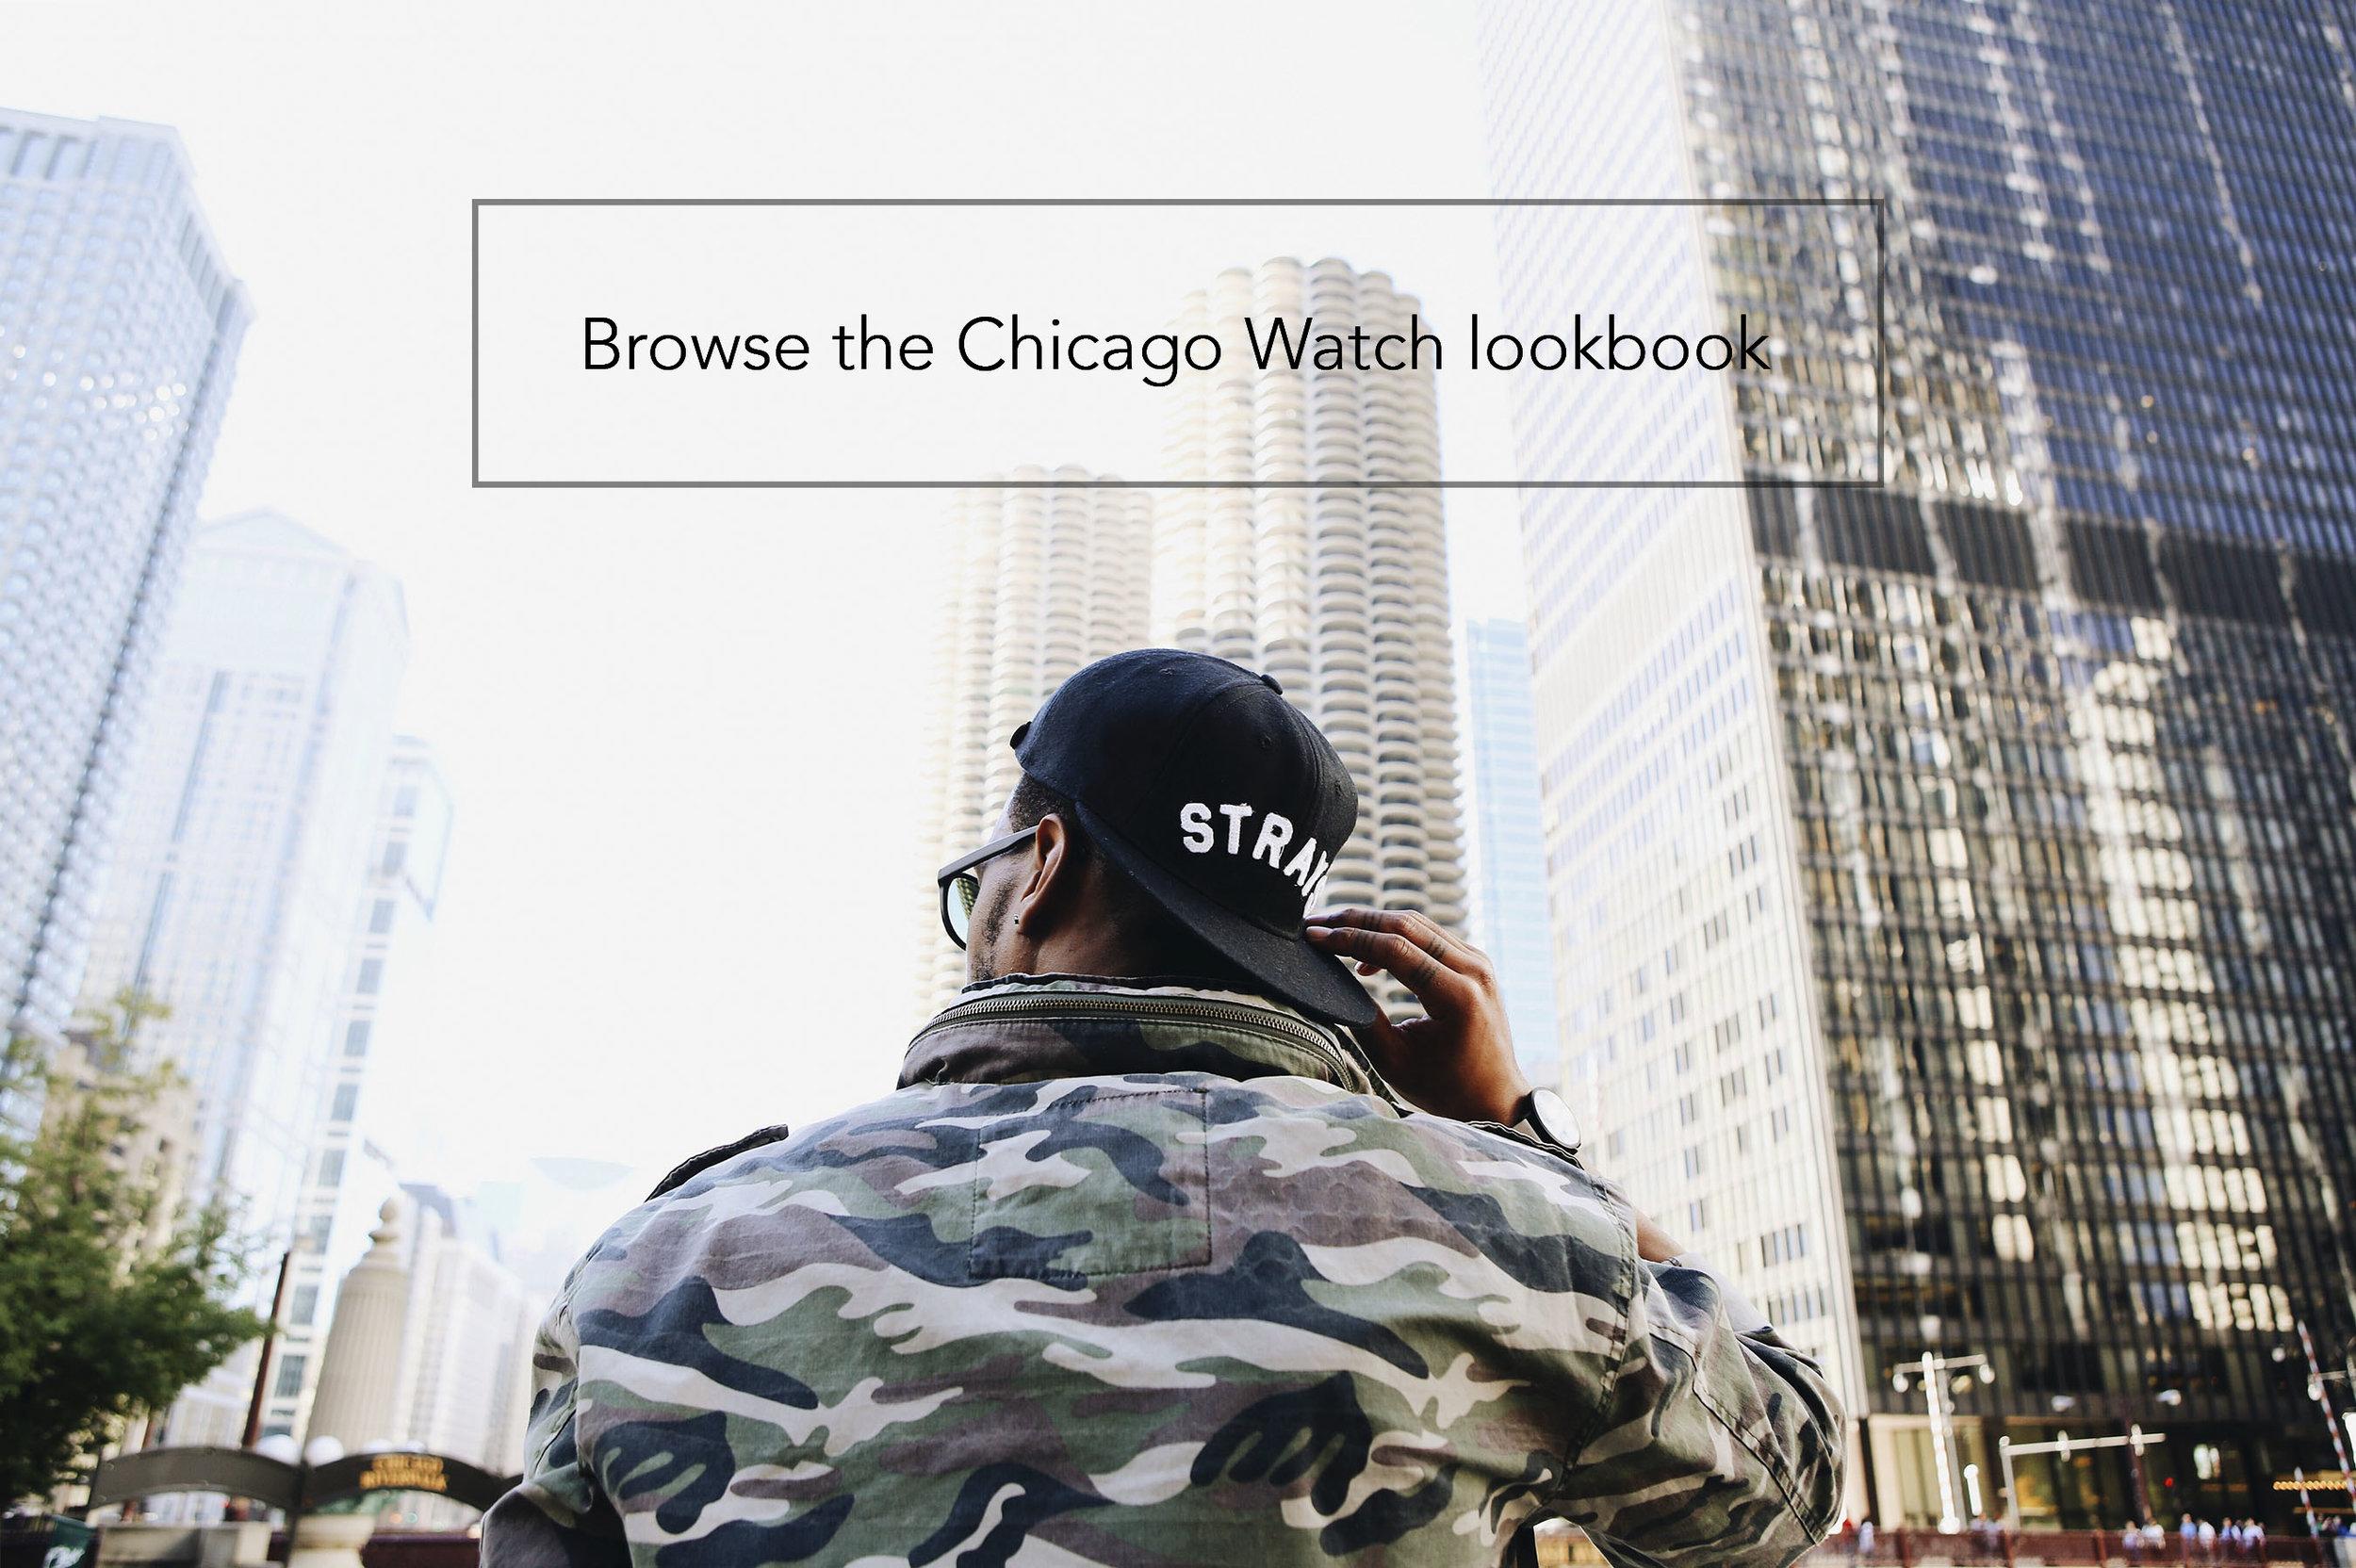 Le Coeur Chicago Lookbook_19.jpg